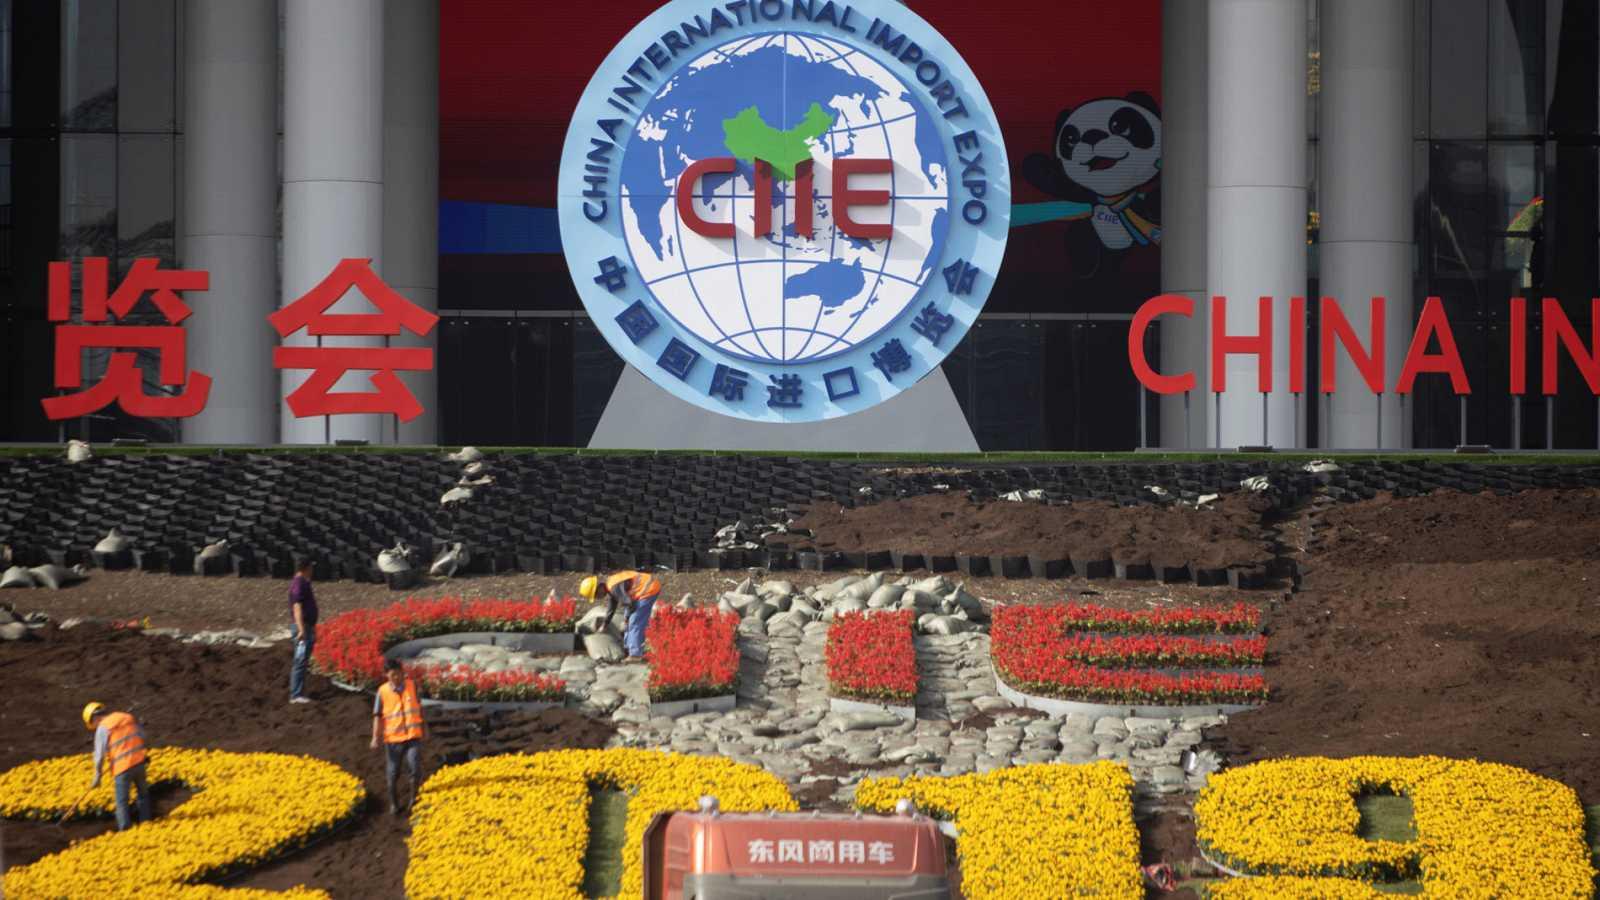 Preparativos de la segunda exposición Internacional de importaciones en Shangai, en China